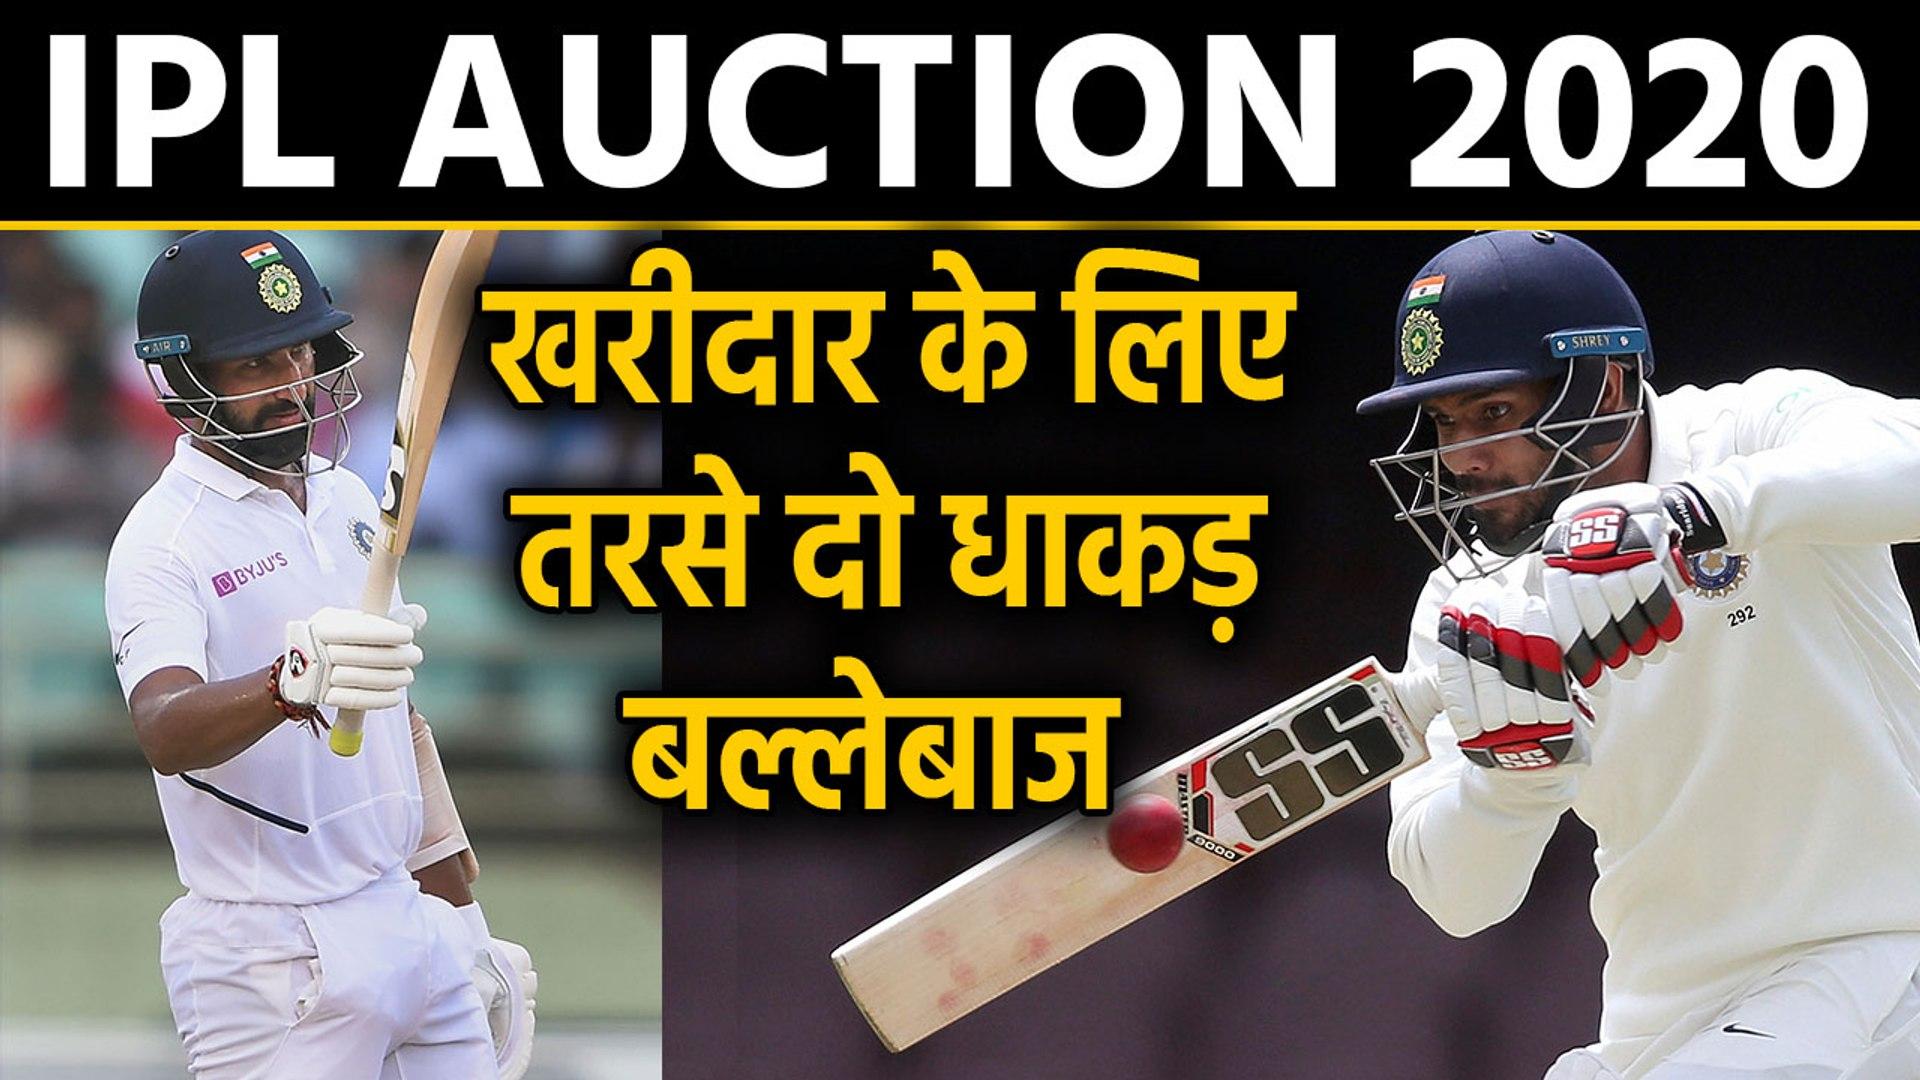 IPL Auction 2020 : Cheteshwar Pujara और Hanuma Vihari को नहीं मिले खरीदार   वनइंडिया हिंदी